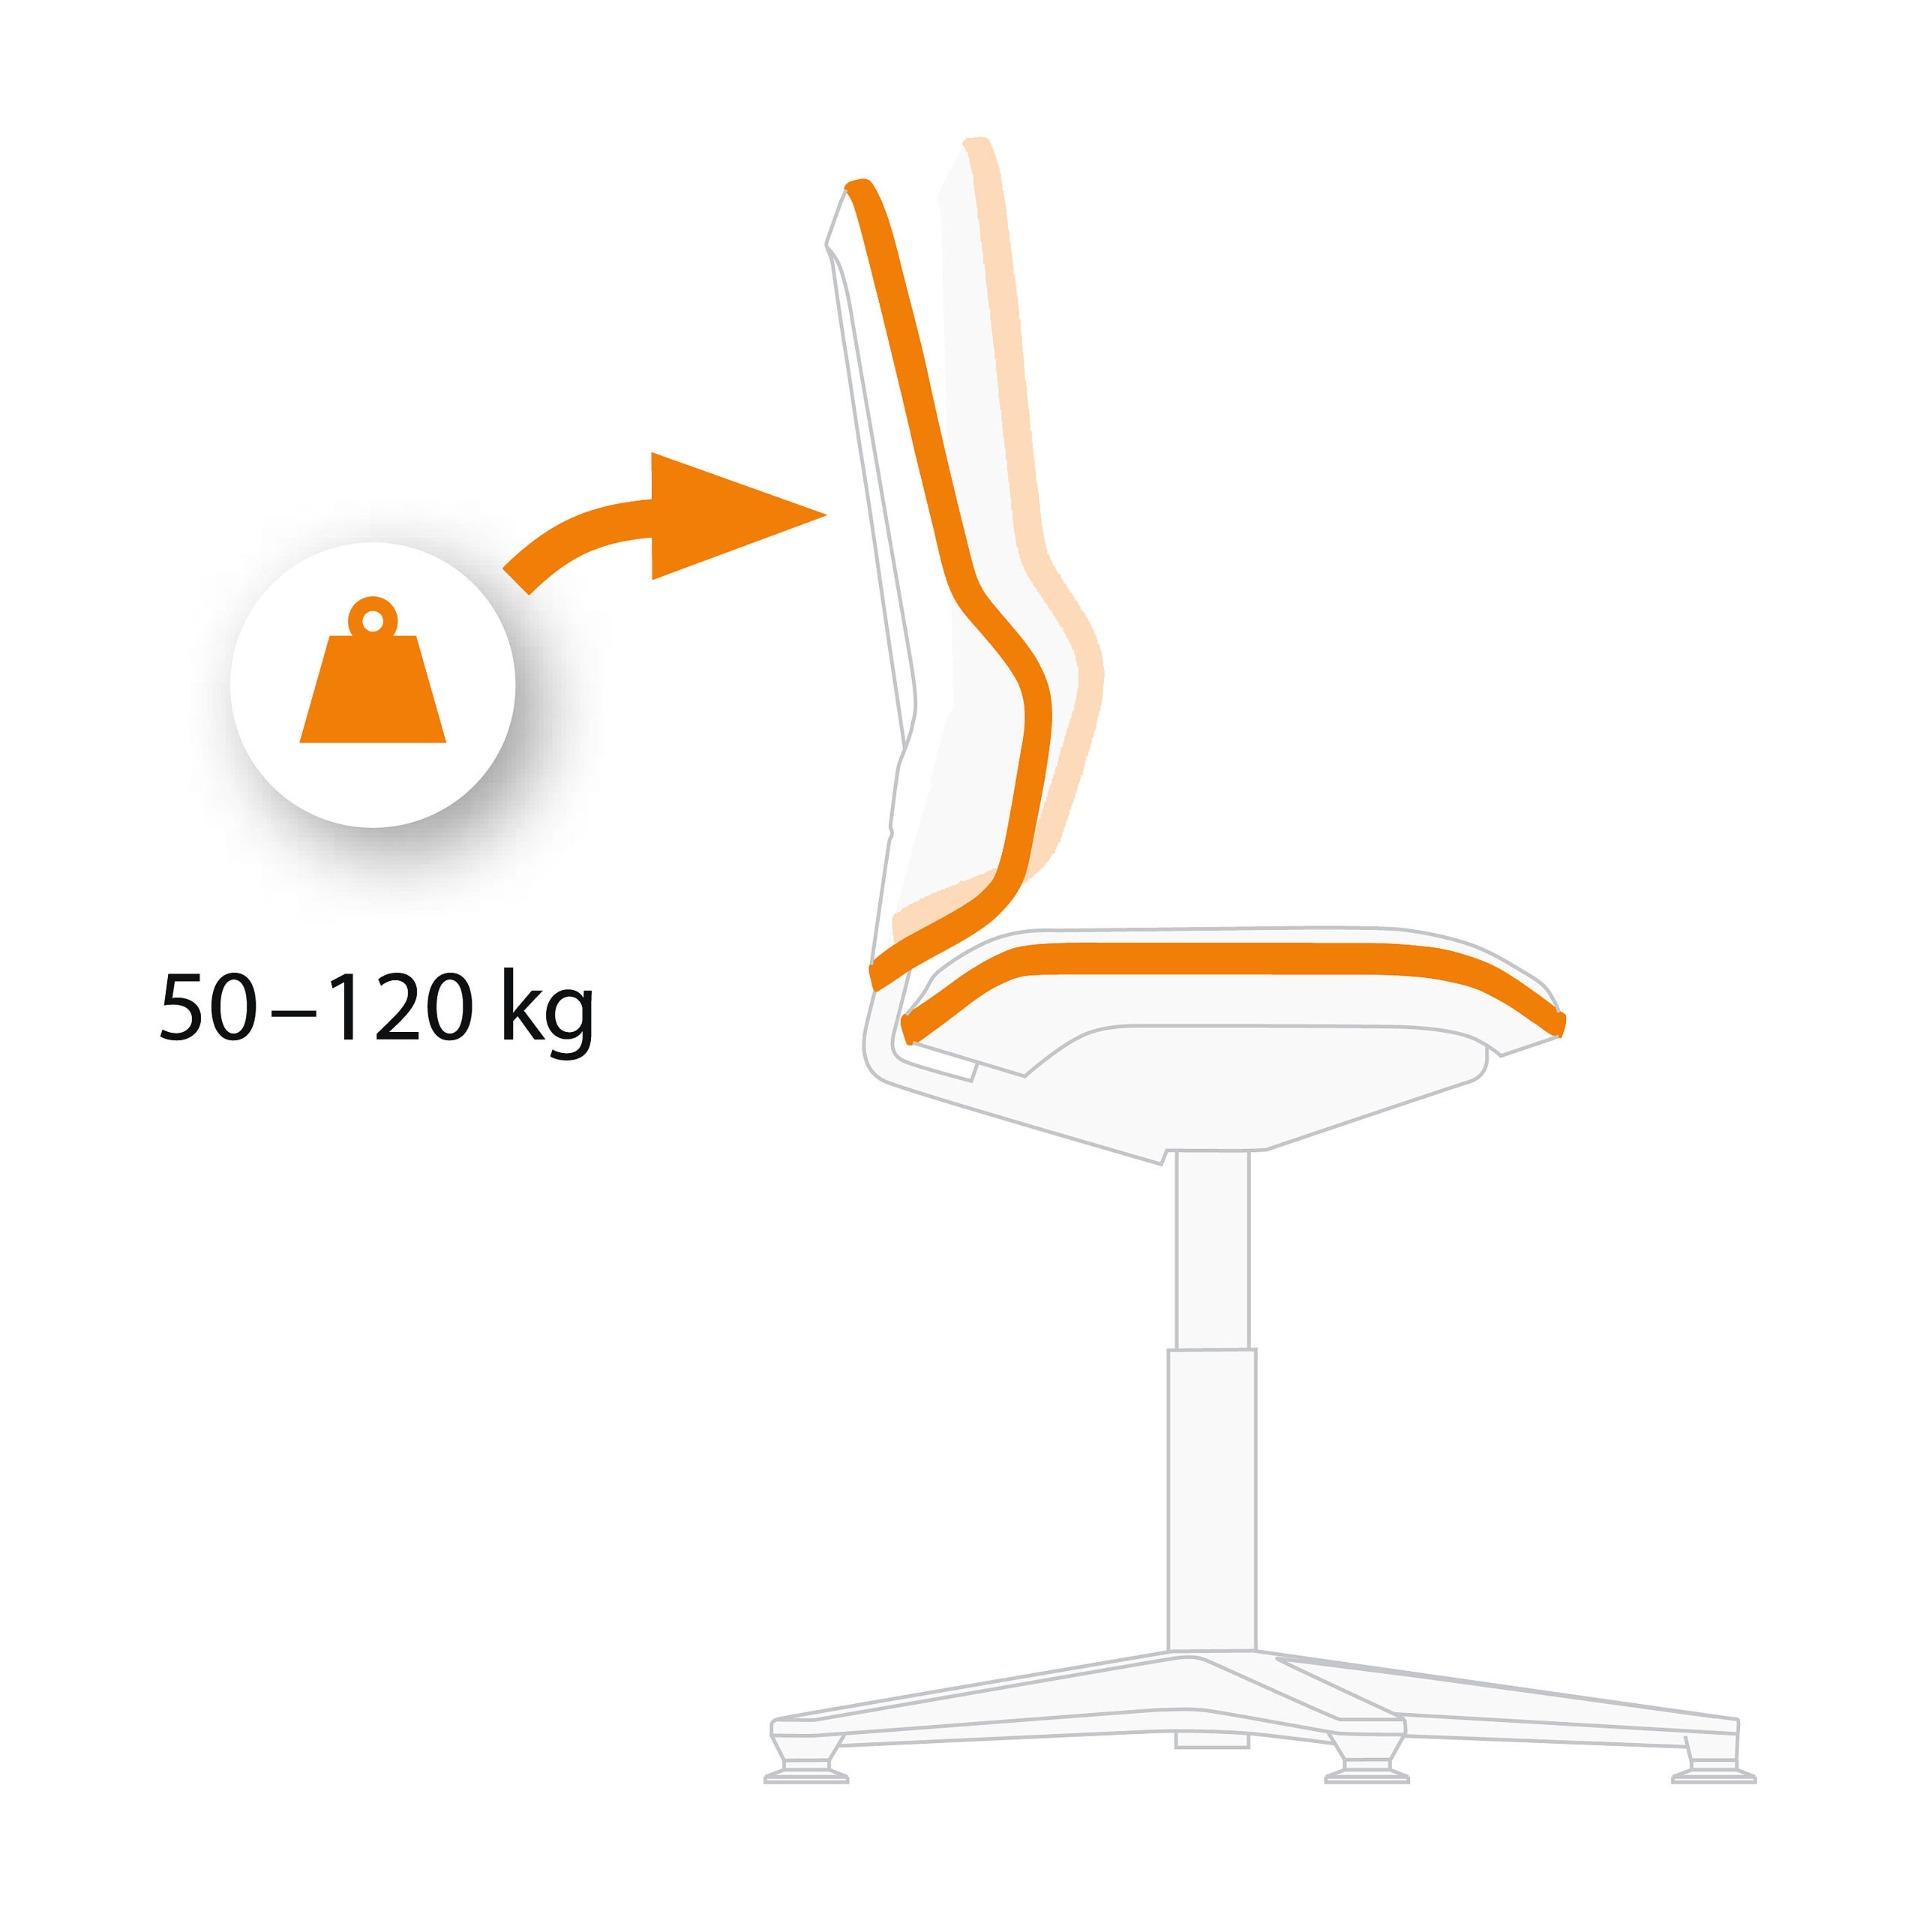 Funktion_Gewichtsregulierung_orange